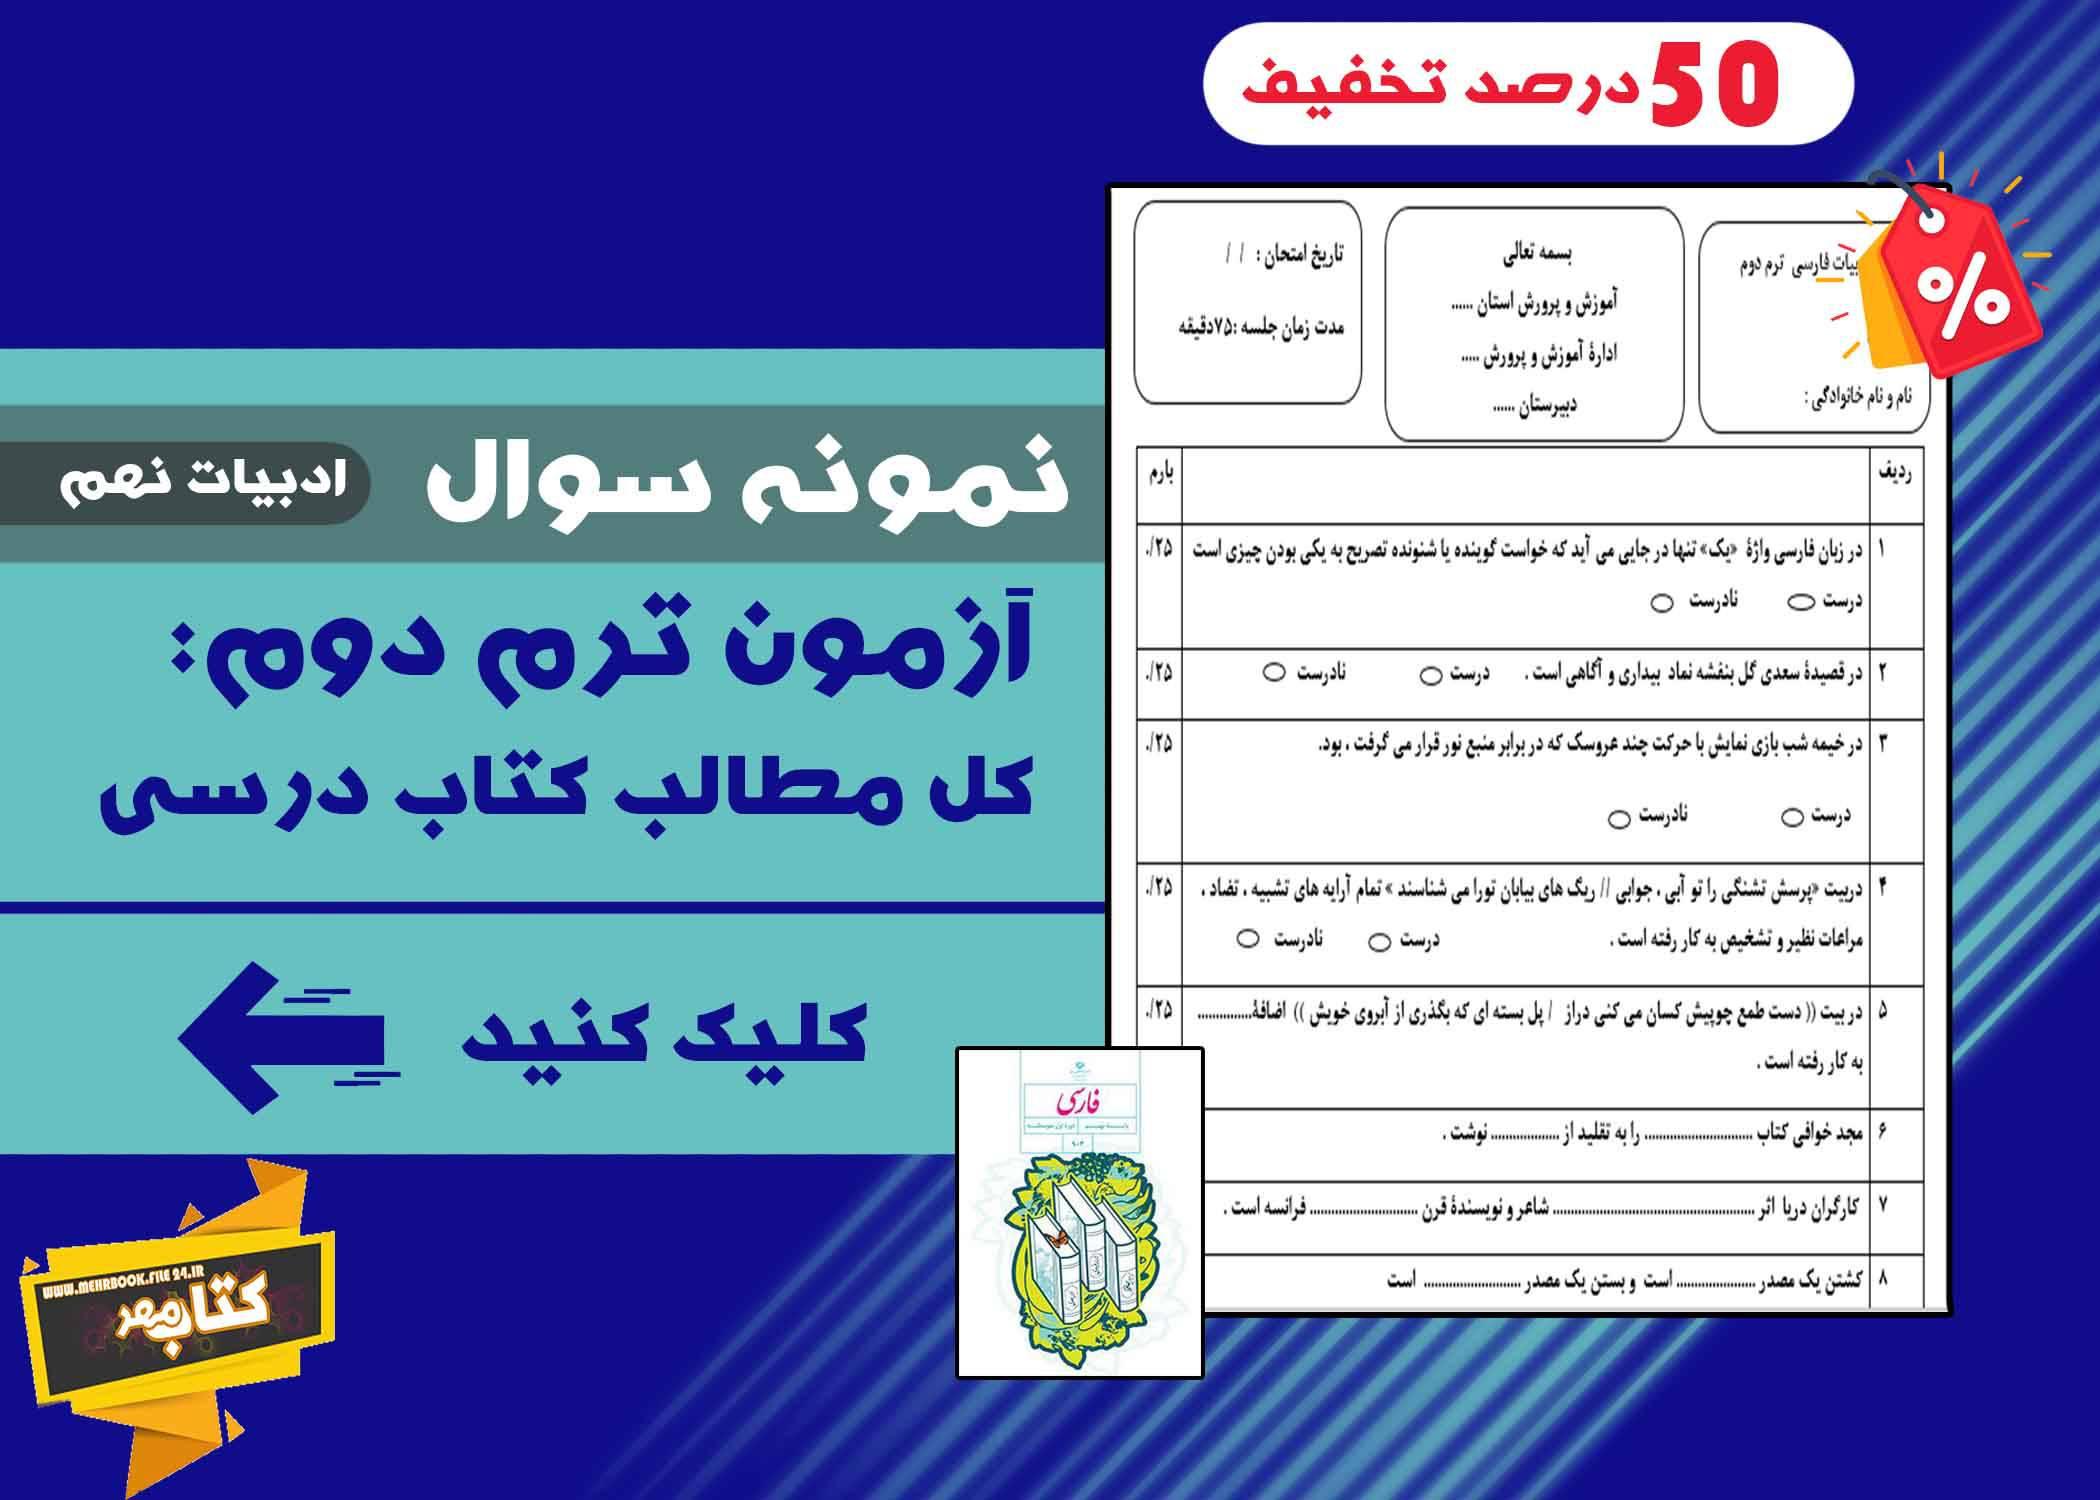 نمونه سوال ادبیات فارسی نهم خرداد